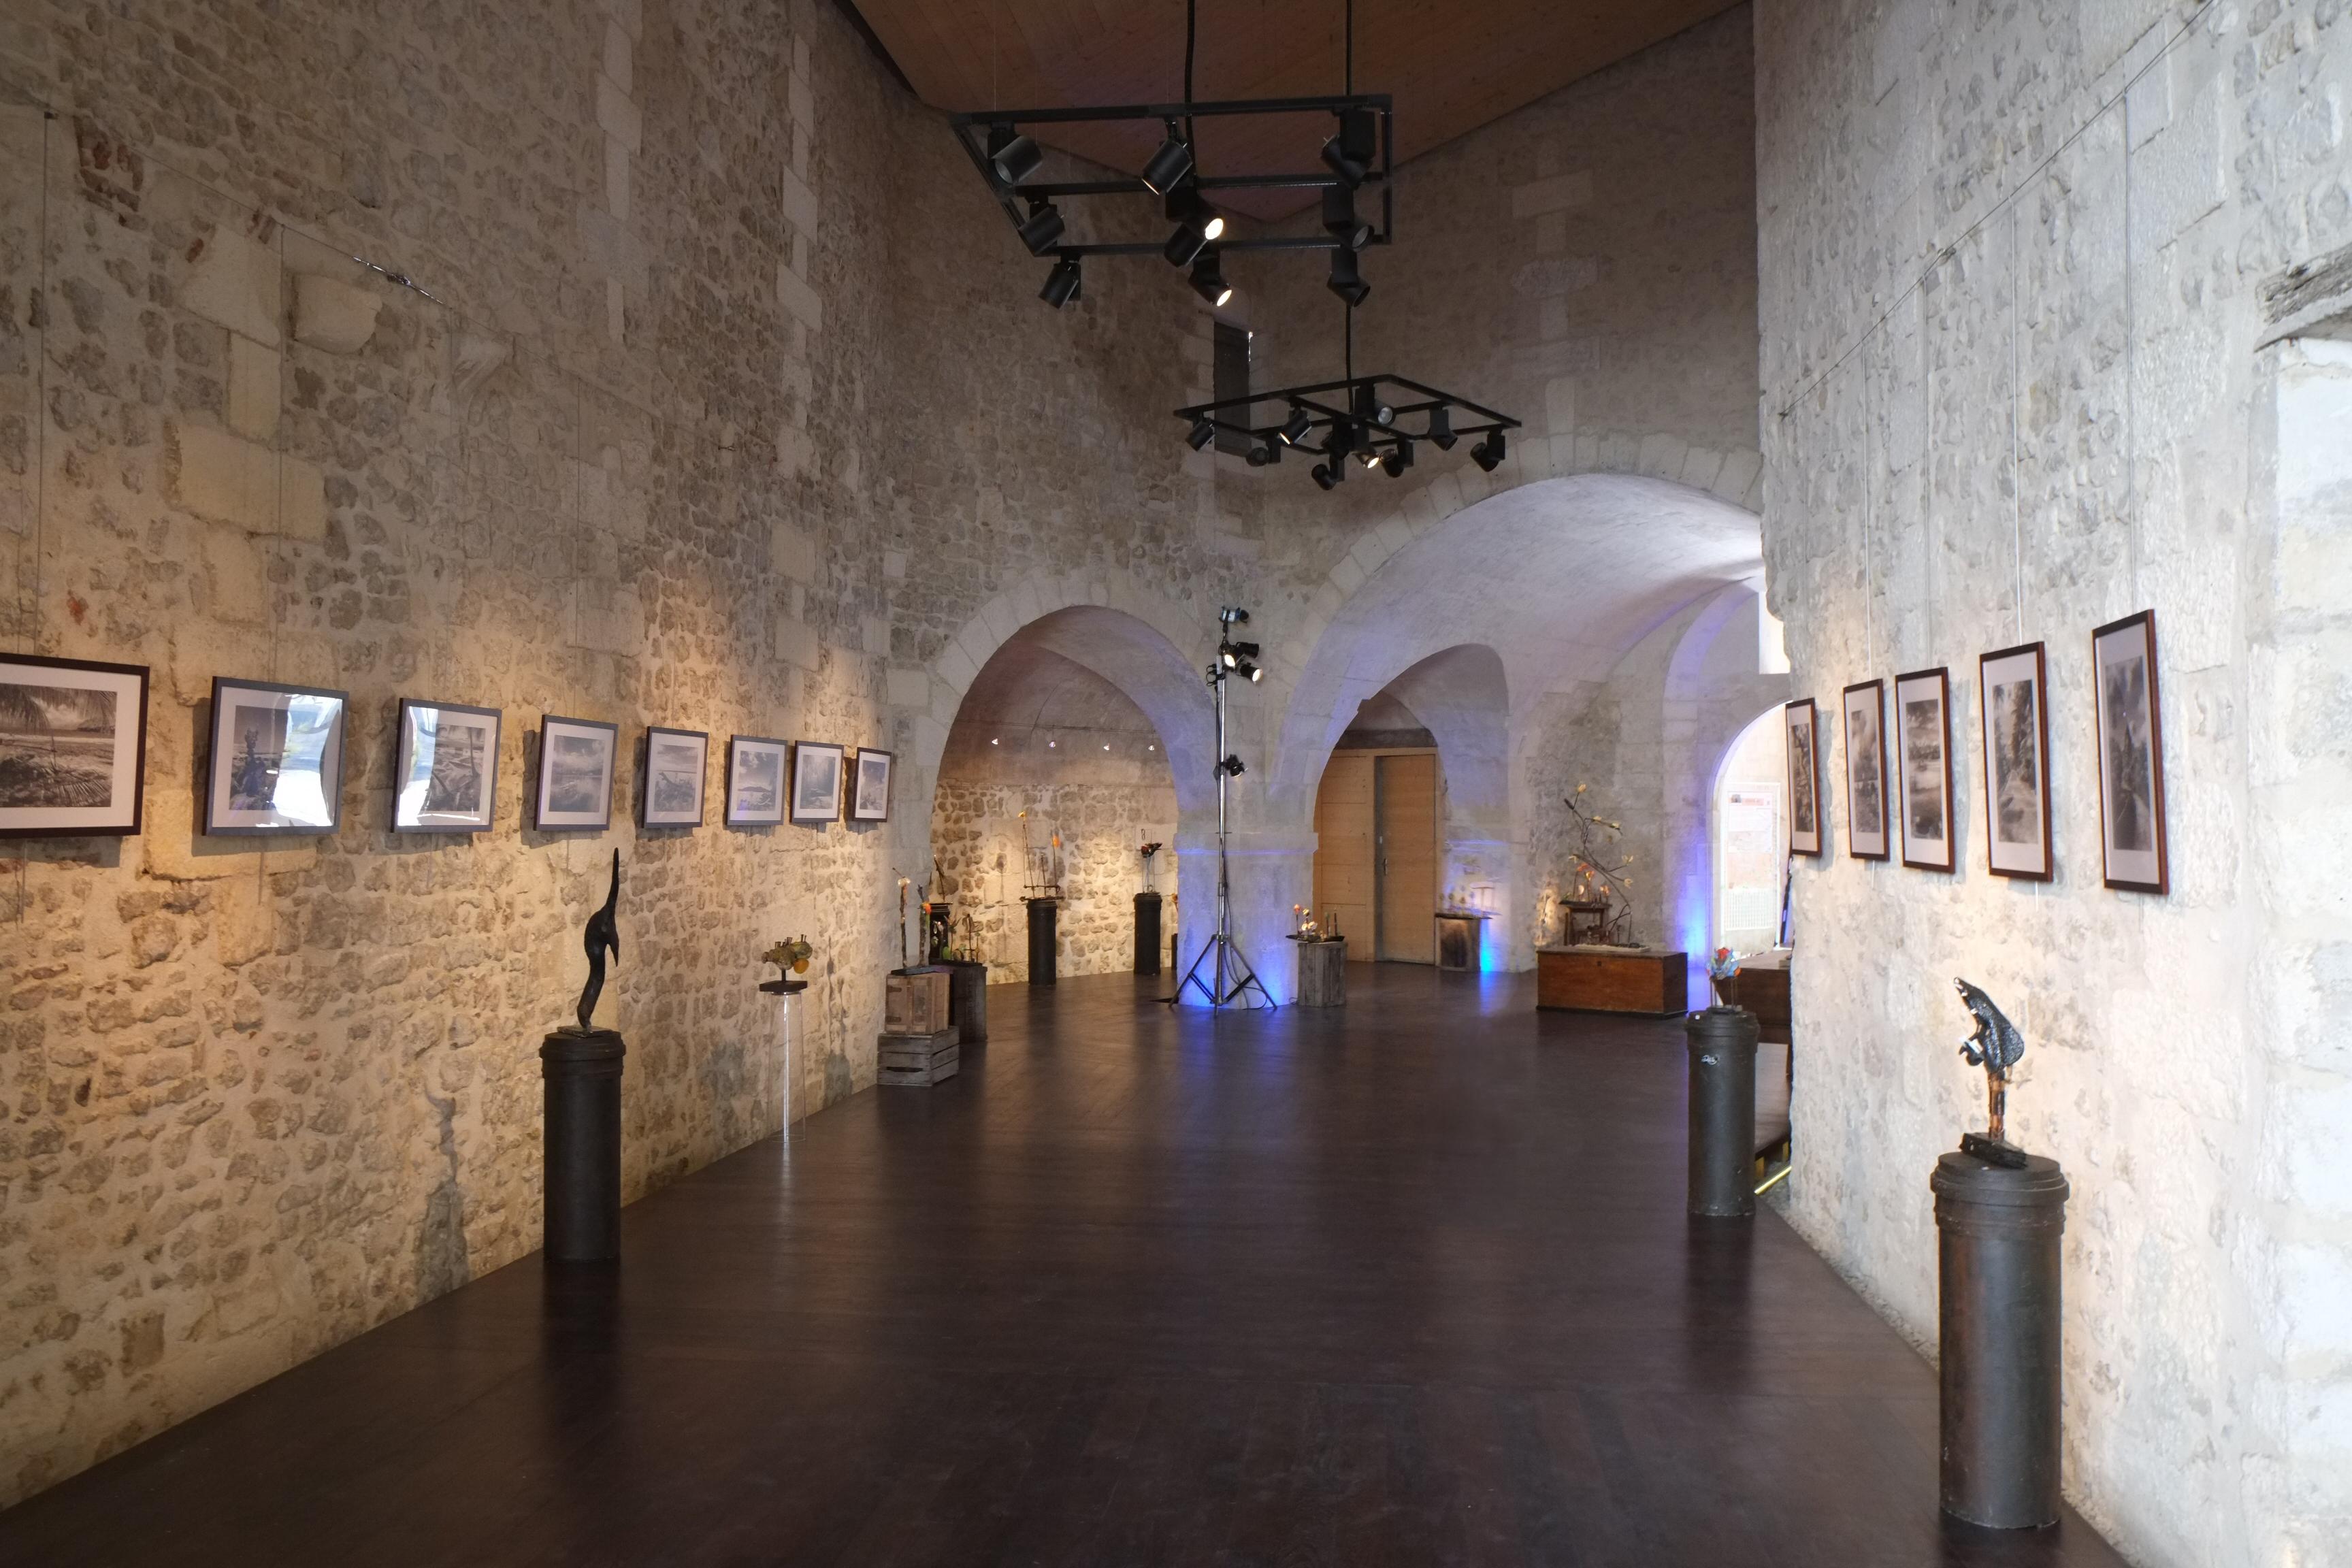 Architecte Interieur La Rochelle file:805 - porte maubec (intérieur) - la rochelle